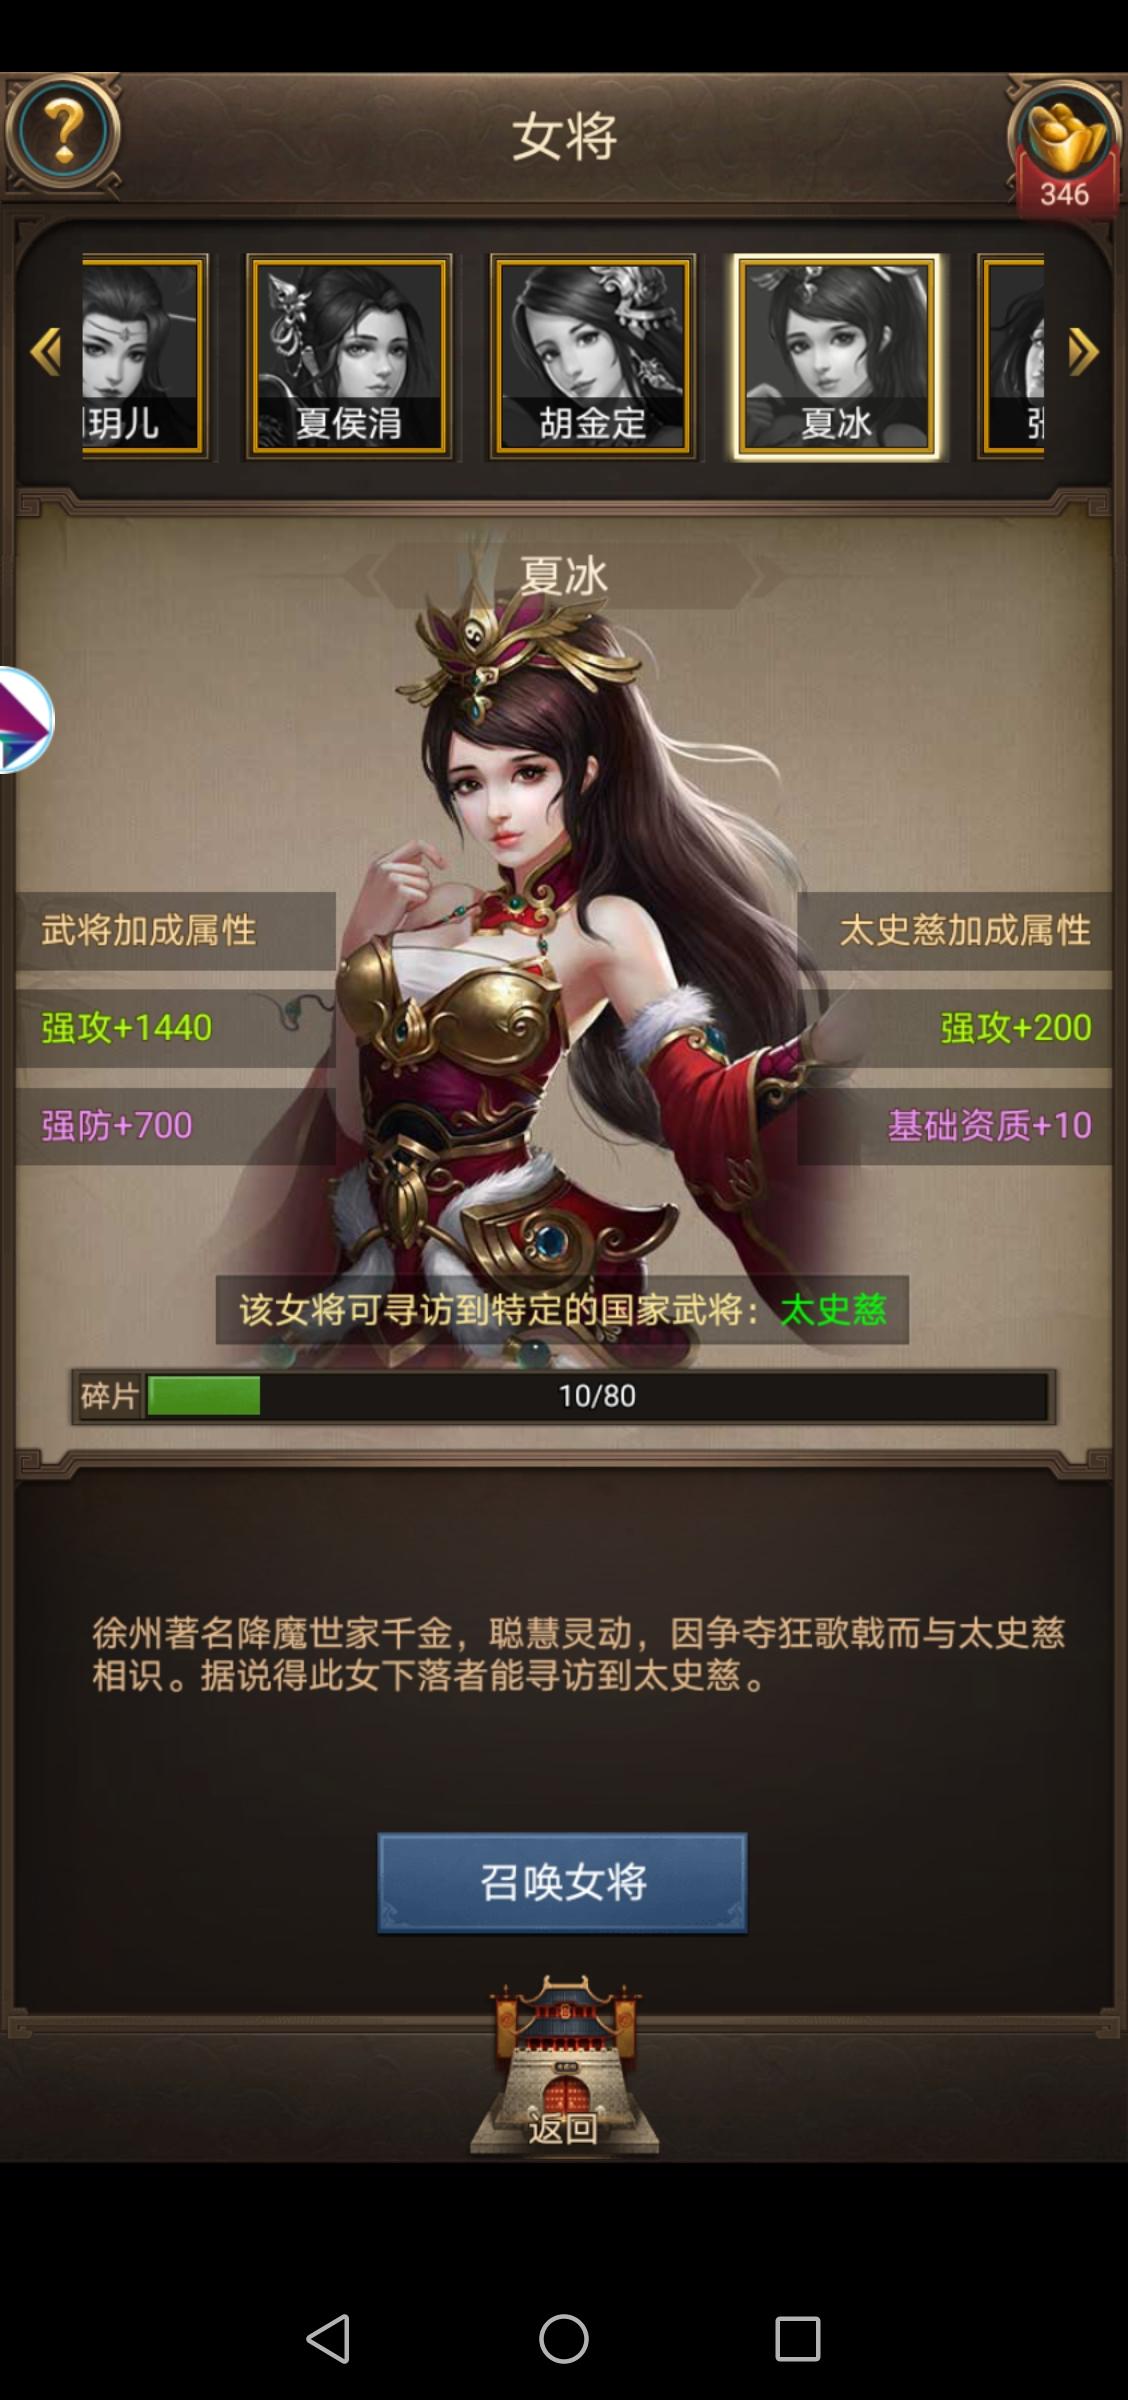 Screenshot_20191210_194248_com.jedigames.p16.shan.jpg